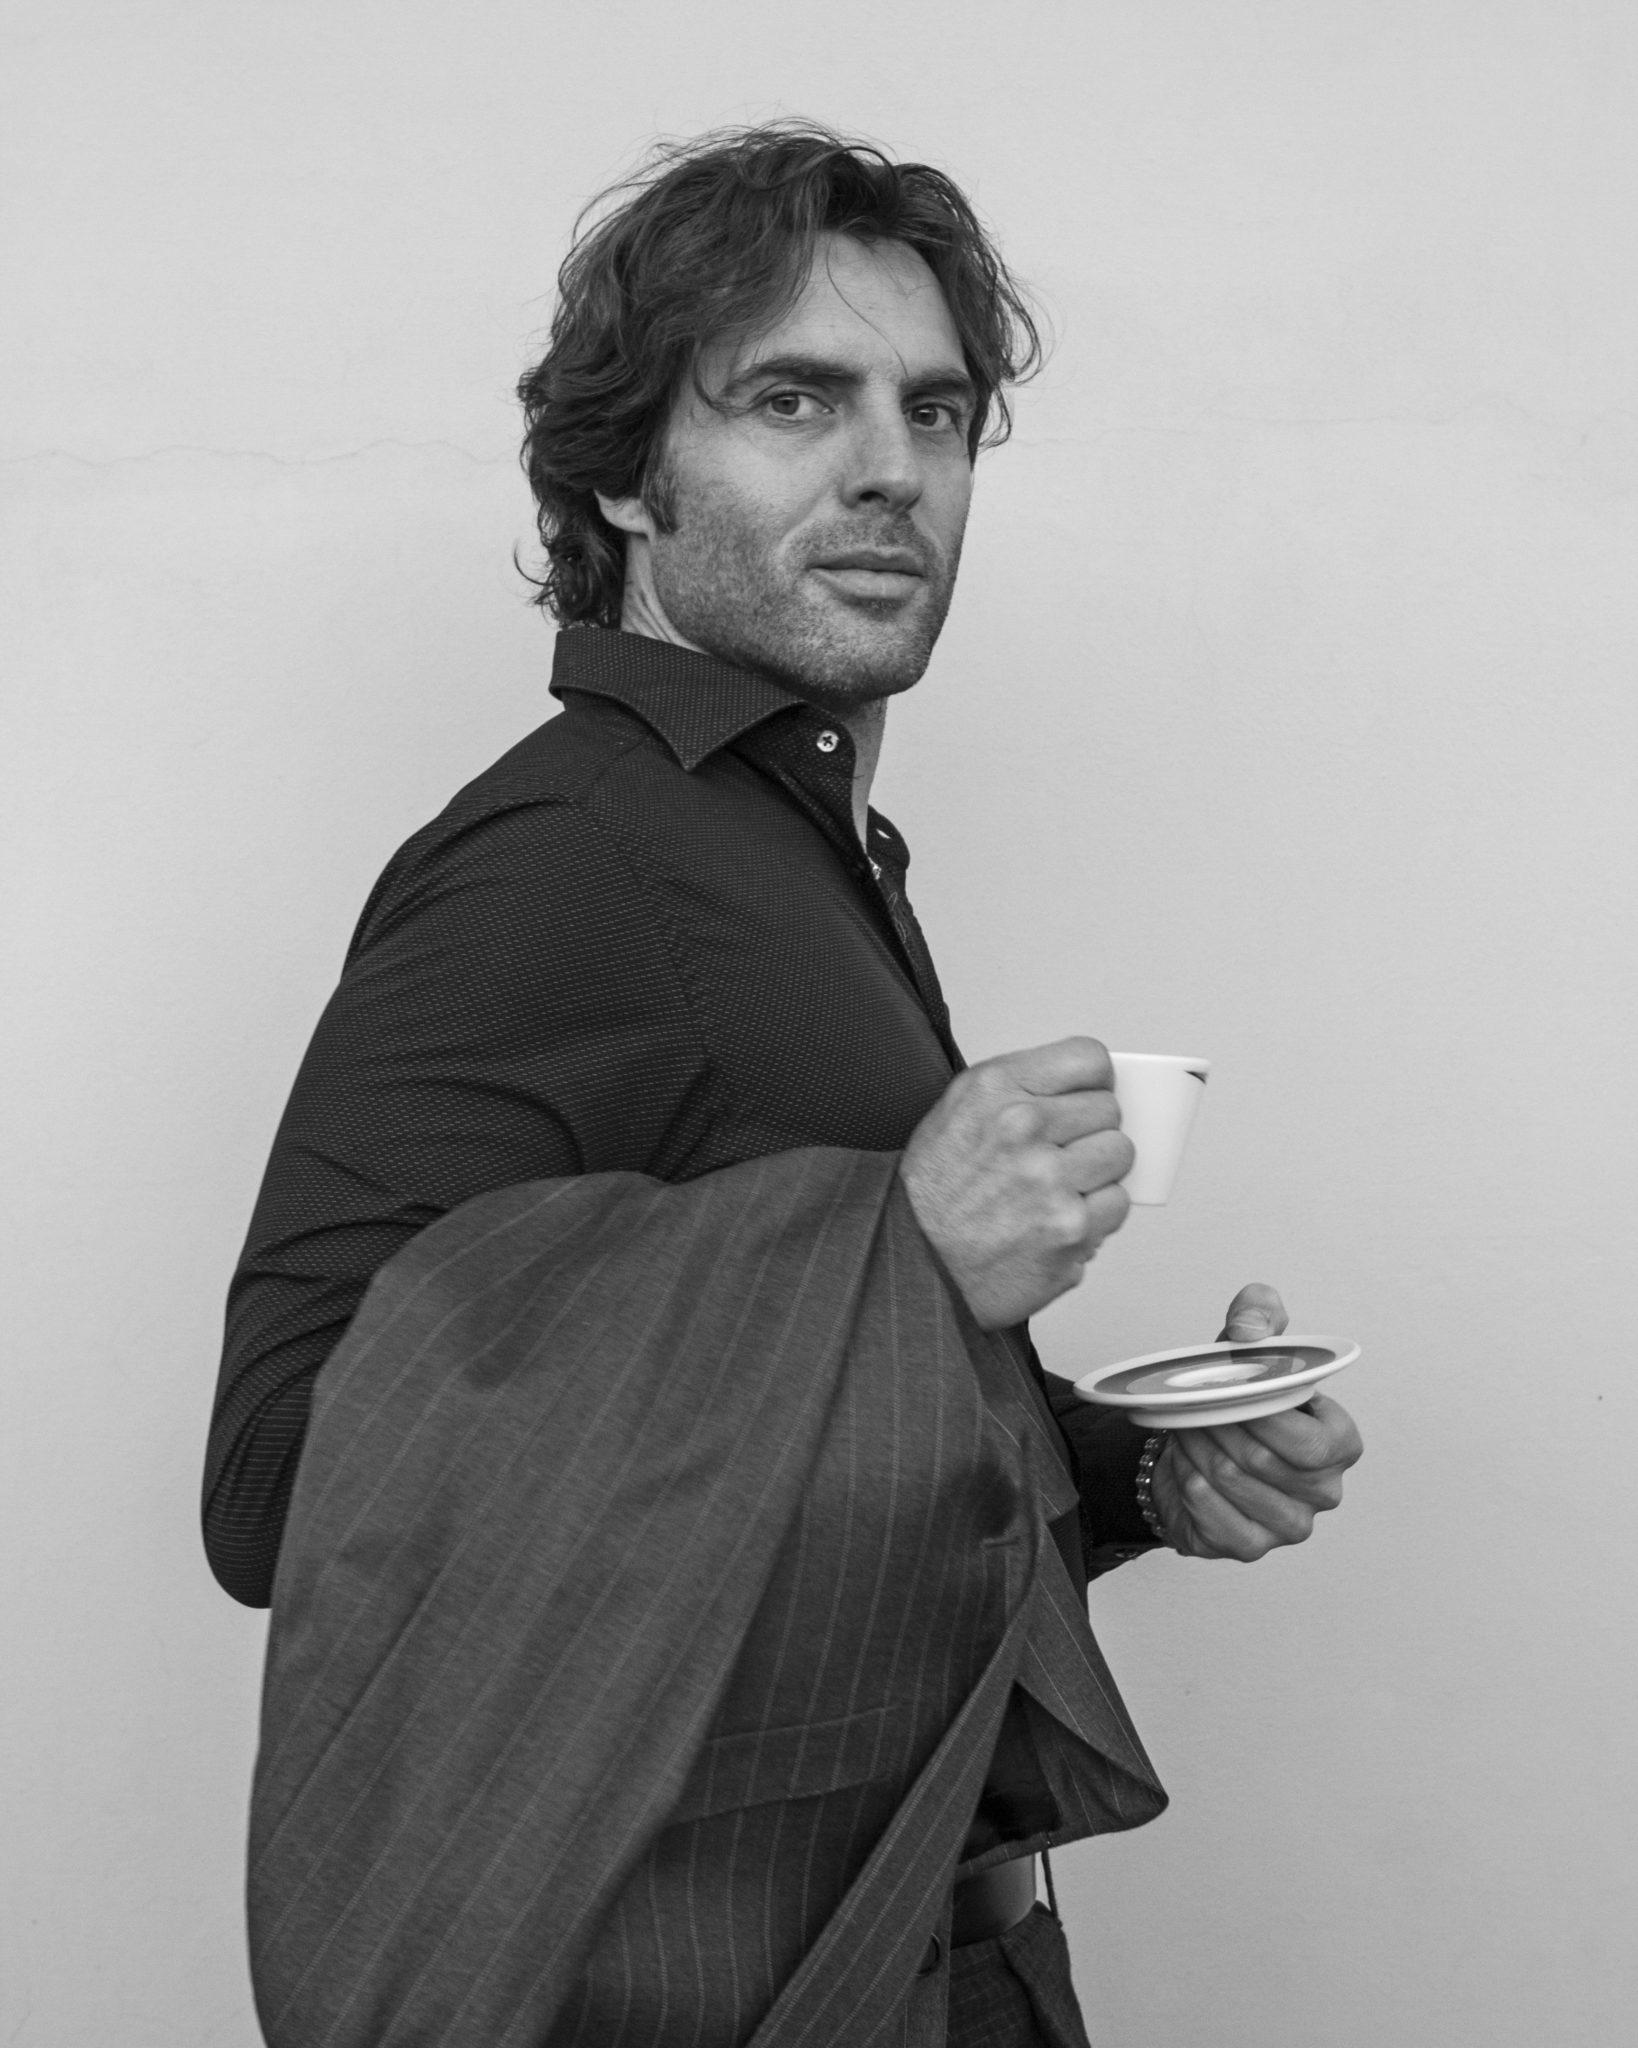 Marco Bachi